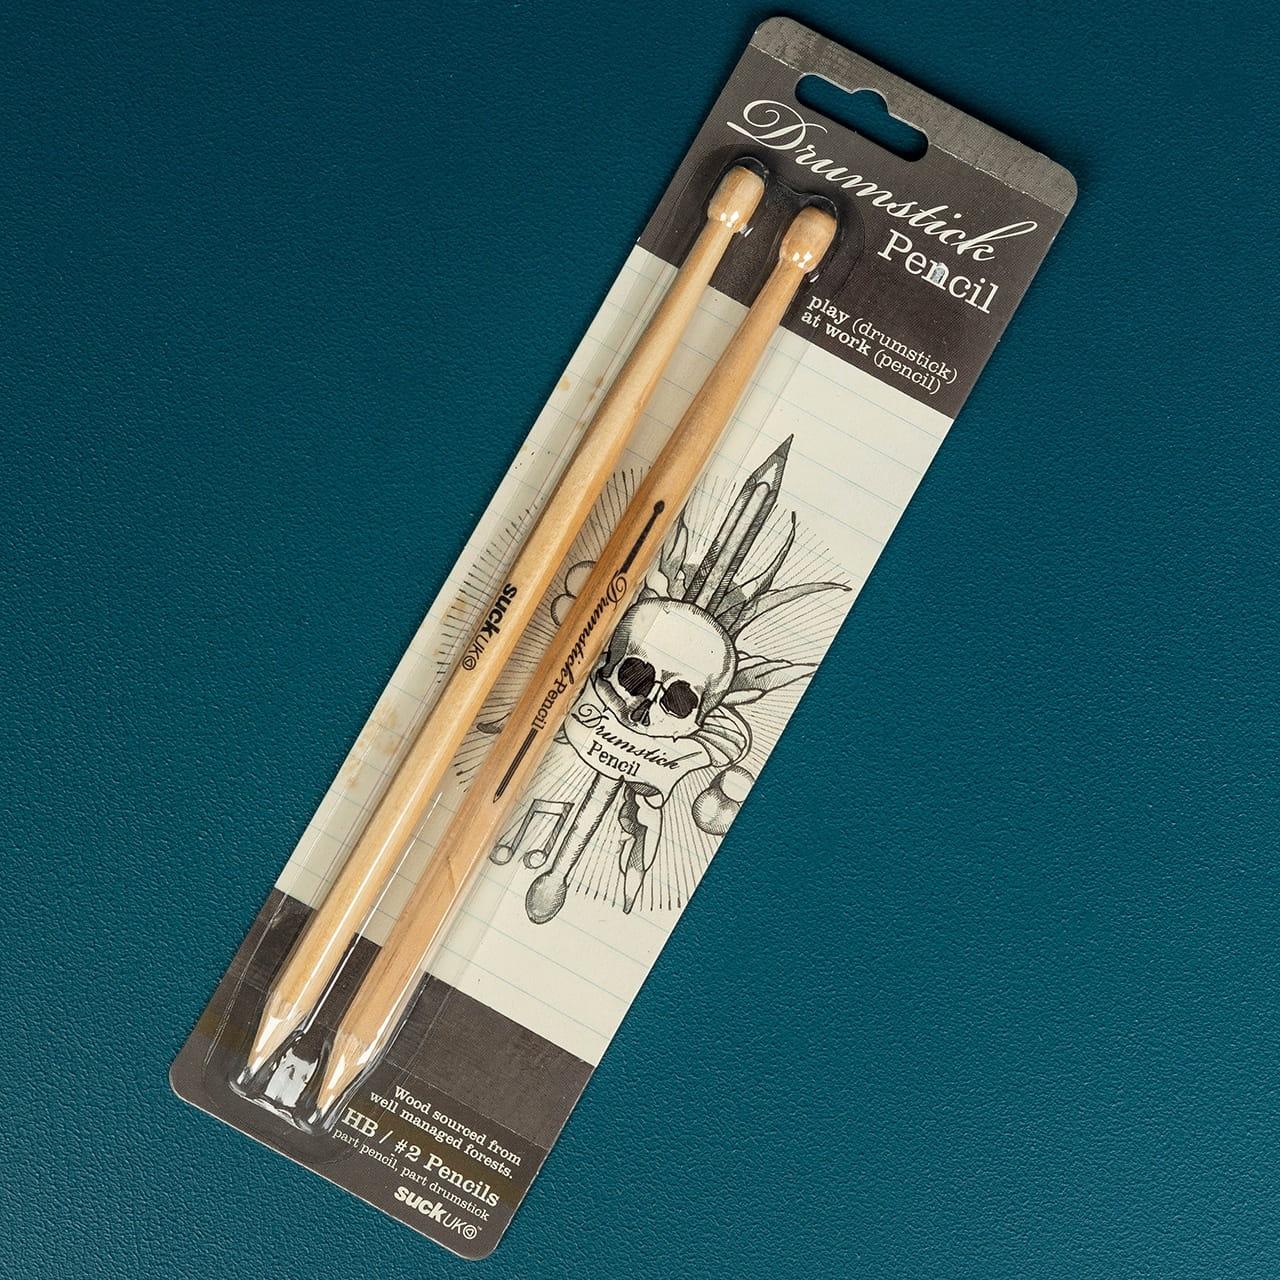 Ołówki pałeczki jako mikołajkowy prezent do 30zł